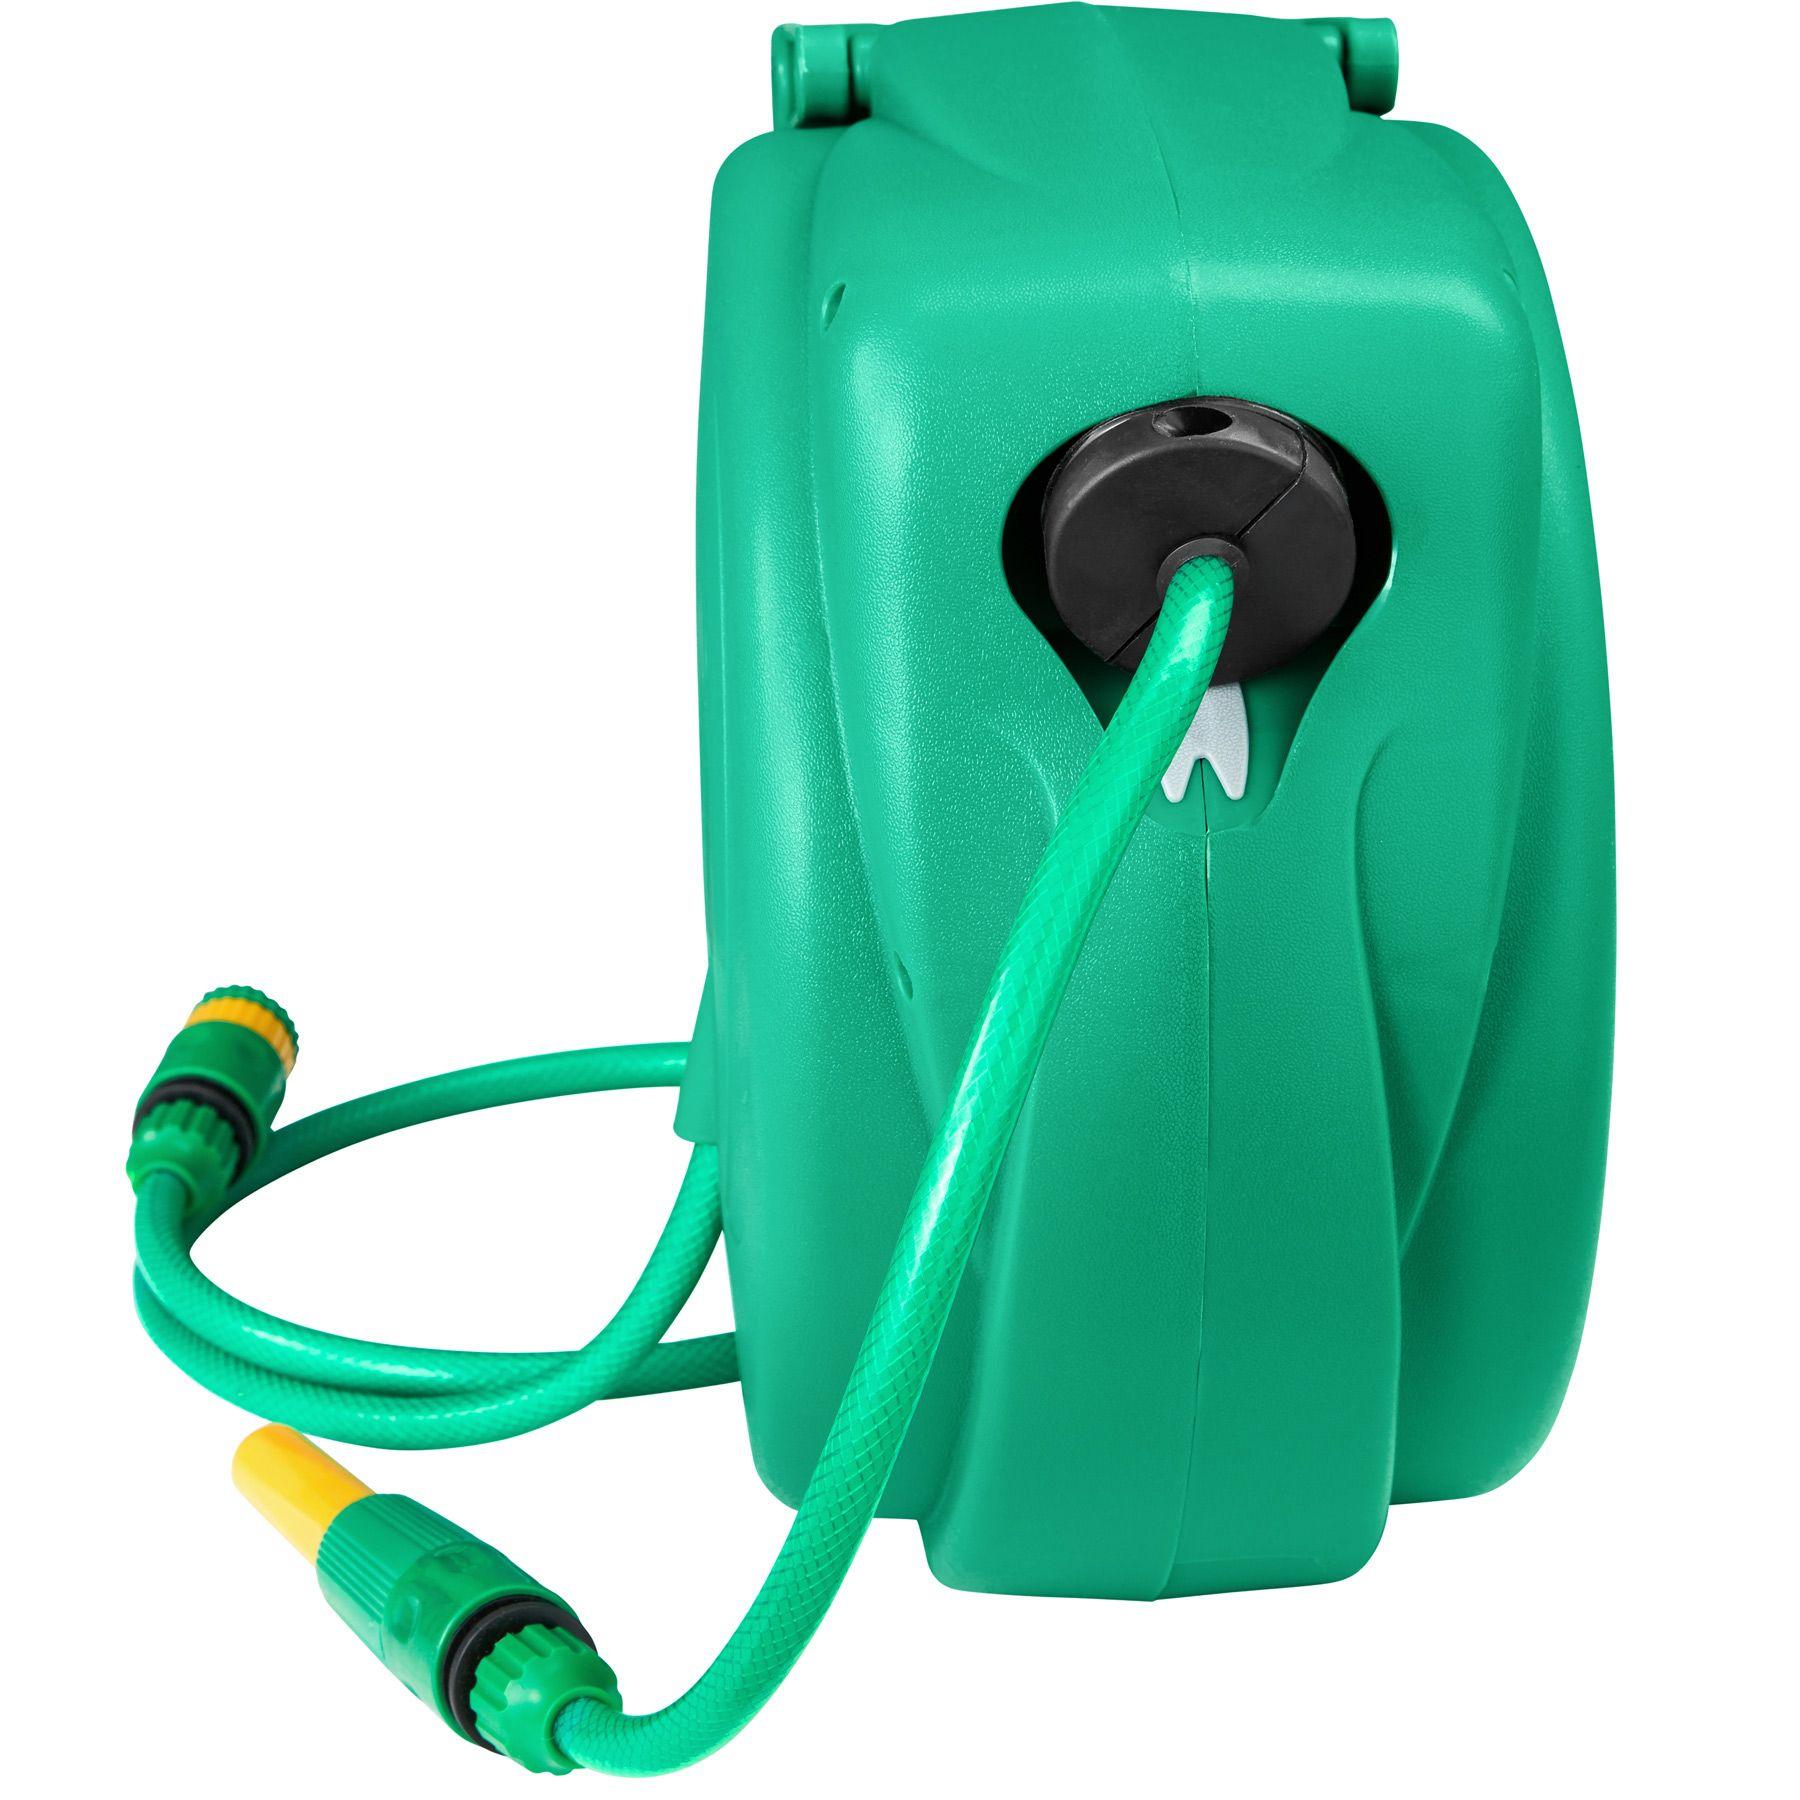 Enrouleur automatique de tuyau d'arrosage pour jardin Tuyau d'eau inclus 10 m   eBay